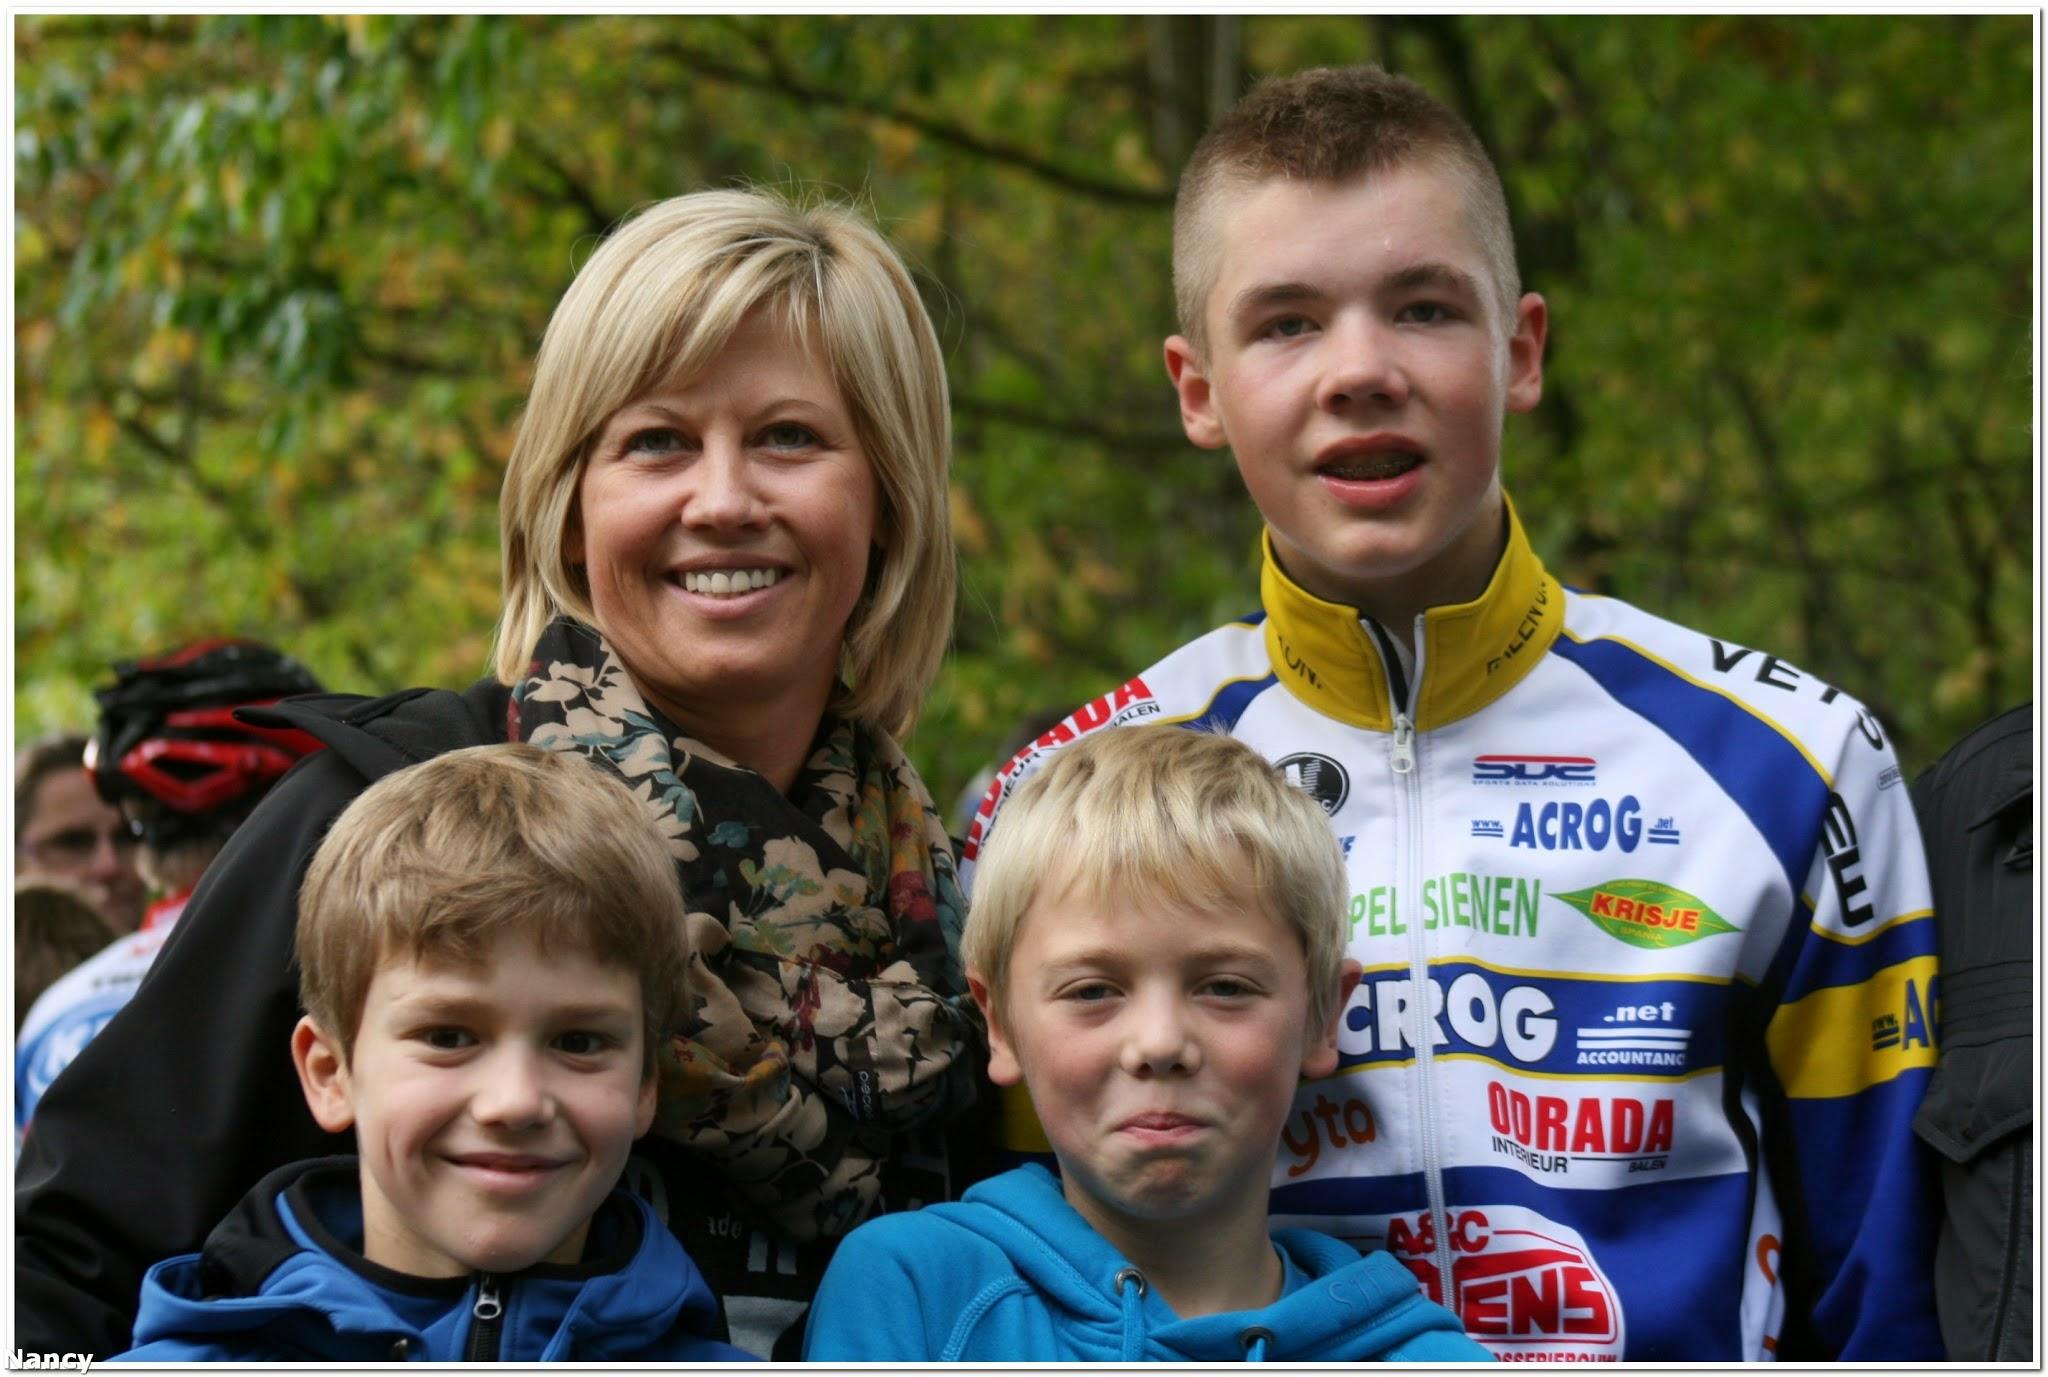 Dennis Blommen knap derde in Superprestigecross Gavere